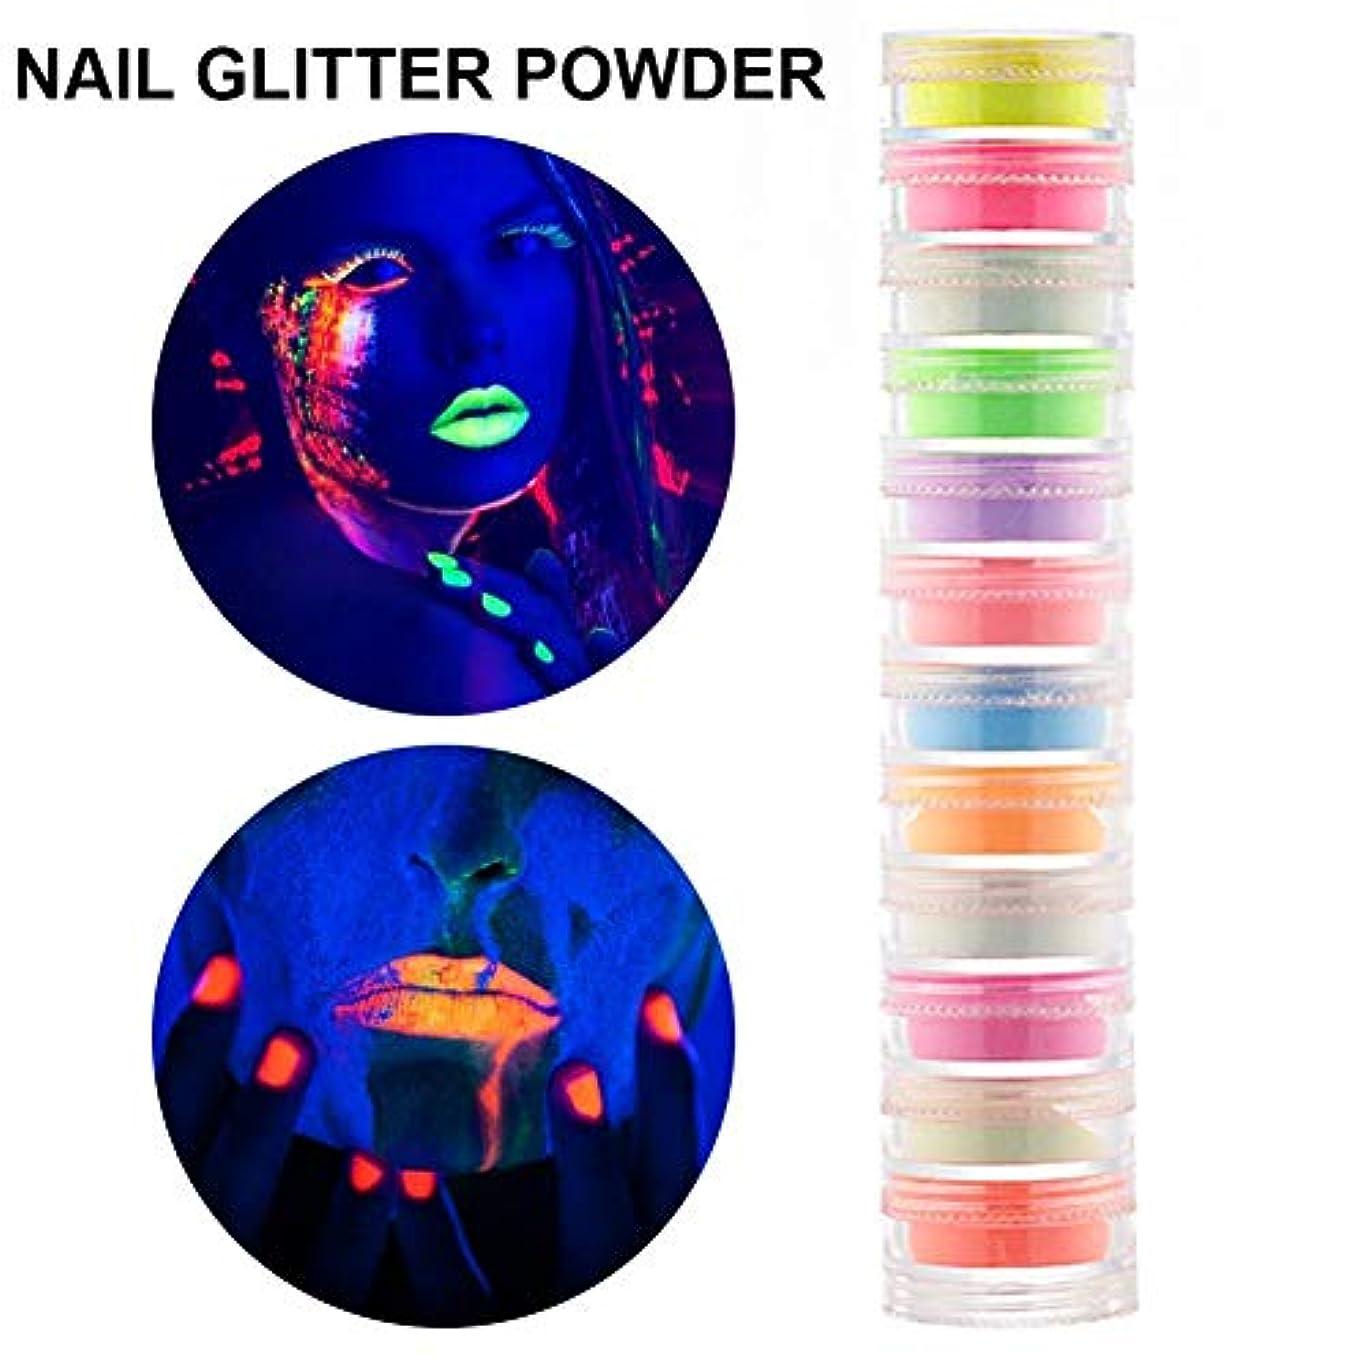 極端な拾う革新ネイル蛍光パウダー グリッター ラメ 12本セット ネイルアート 大人気 夜光パウダー ネイルグリッターパウダー 環境にやさしい ハロウィン用